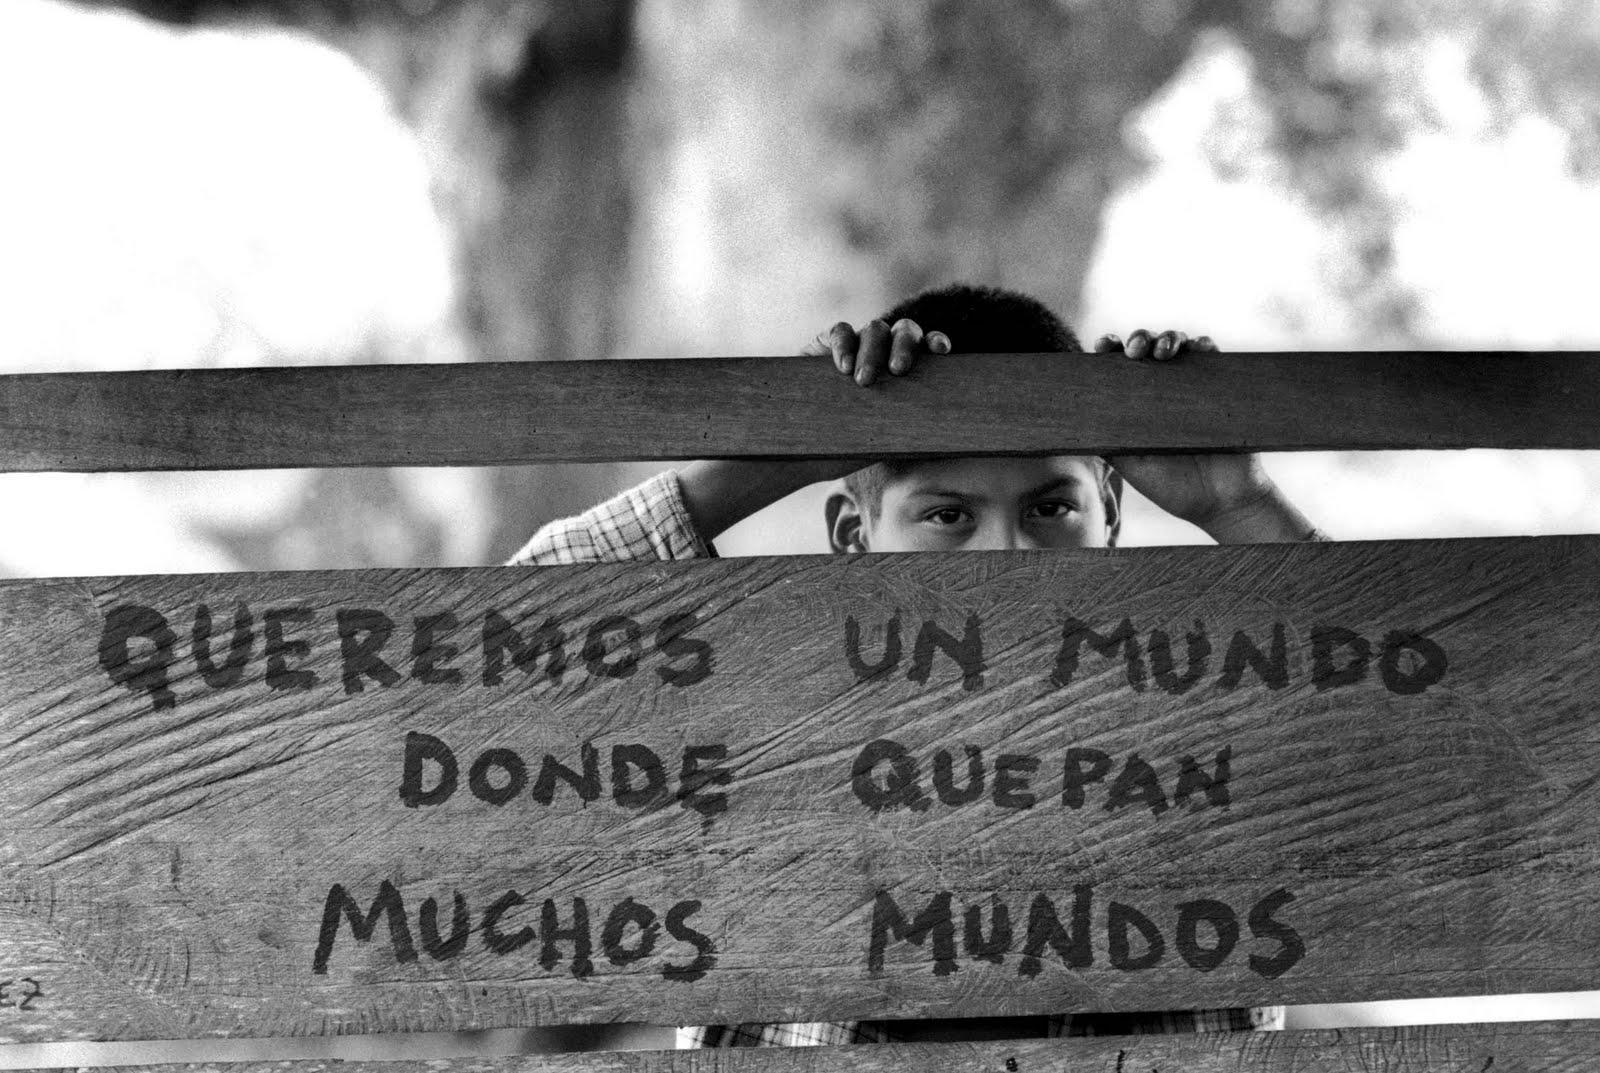 EZLN, en la guerra mundial actual, la disputa es entre el sistema capitalista y la humanidad.